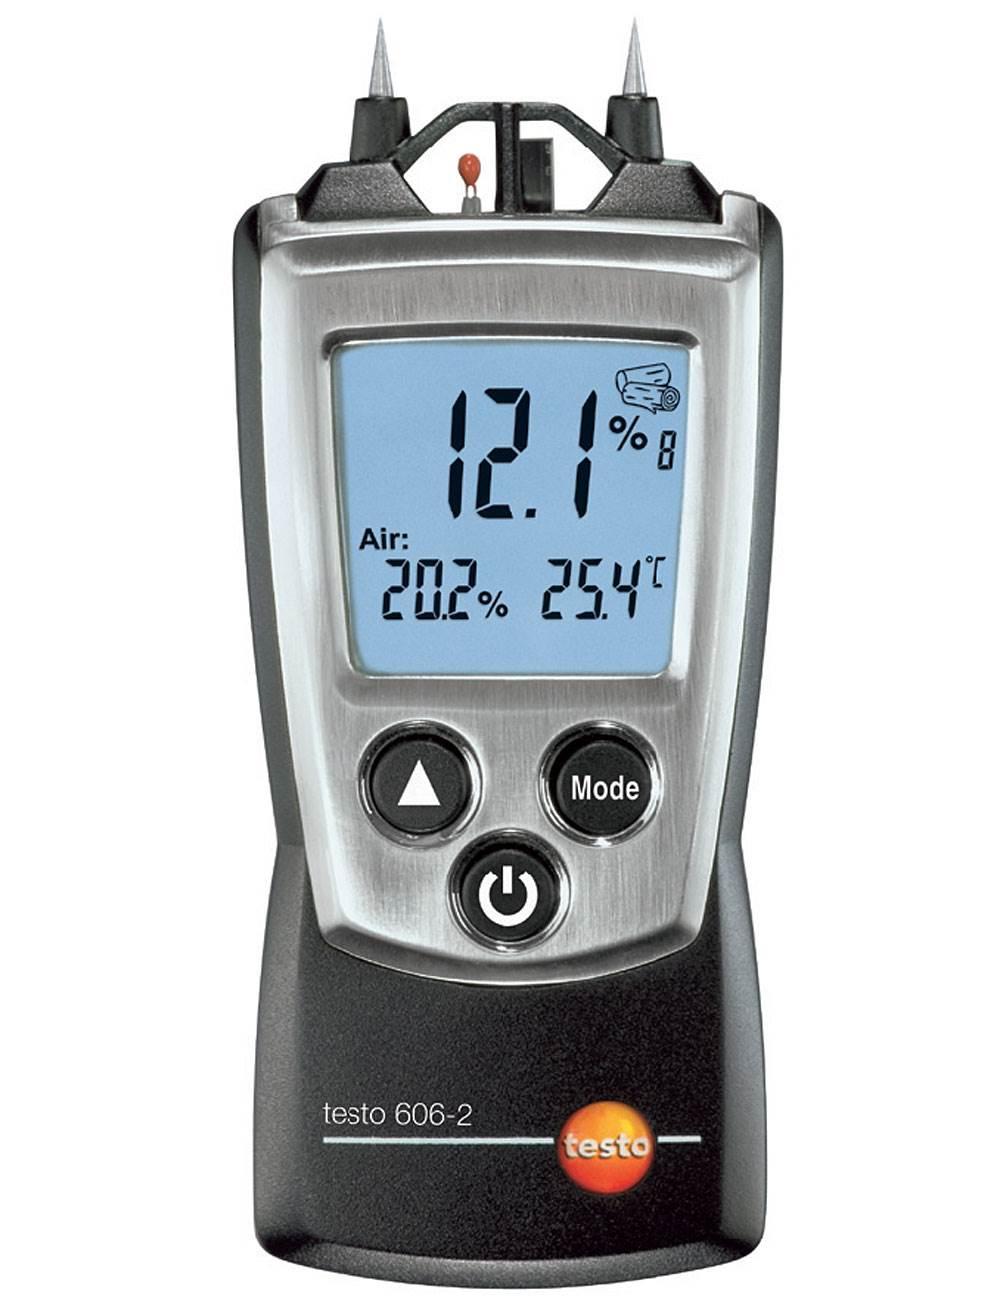 przyrzady do pomiaru wilgotnosci i jakosci powietrza 1 - Przyrządy do pomiaru wilgotności i jakości powietrza